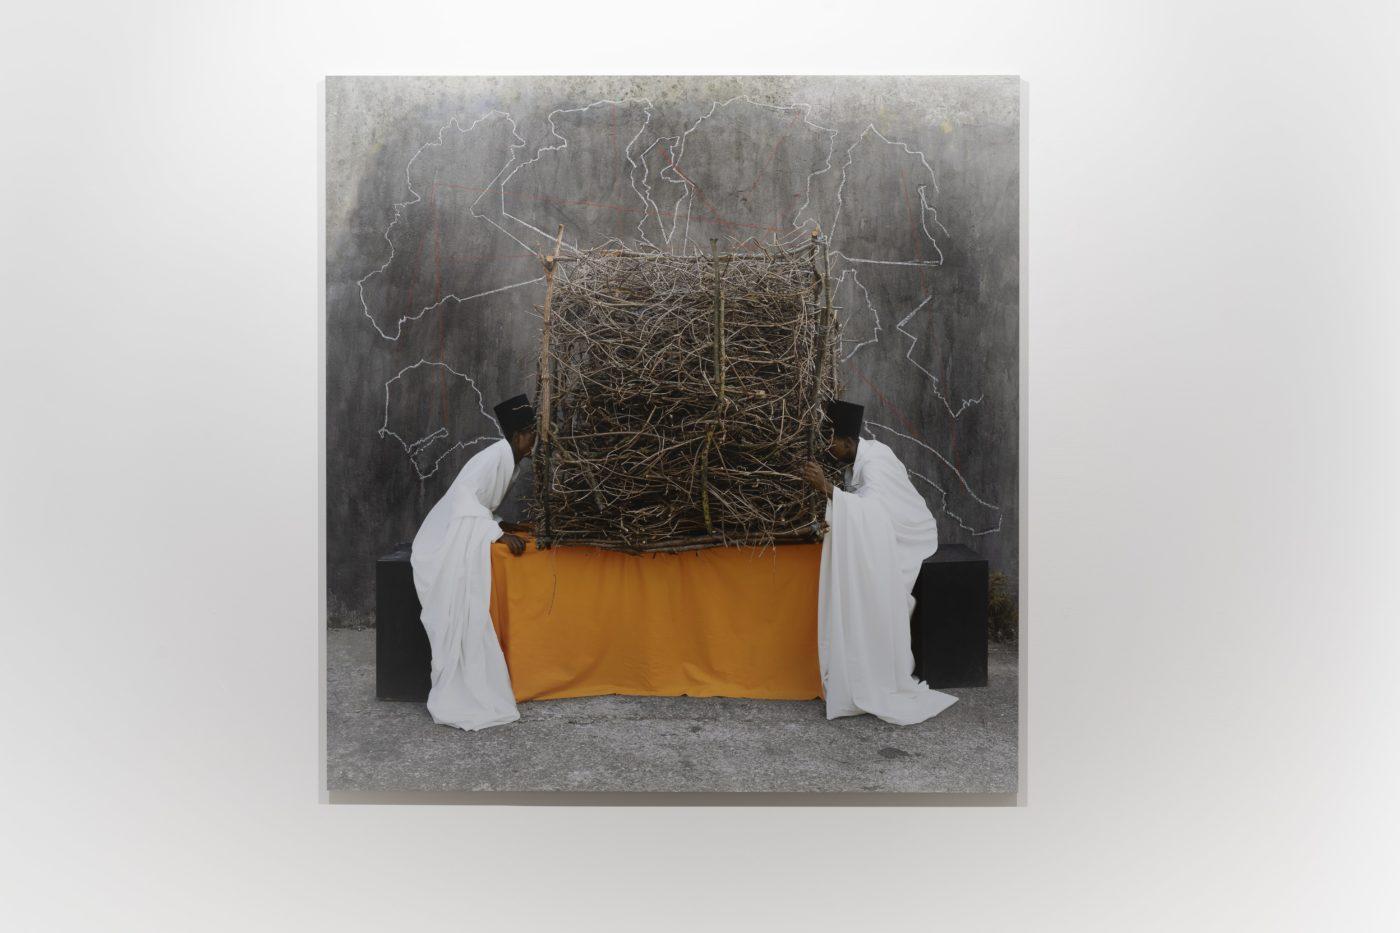 Maïmouna Guerresi - RÛH / SOUL, Officine dell'Immagine, Milano